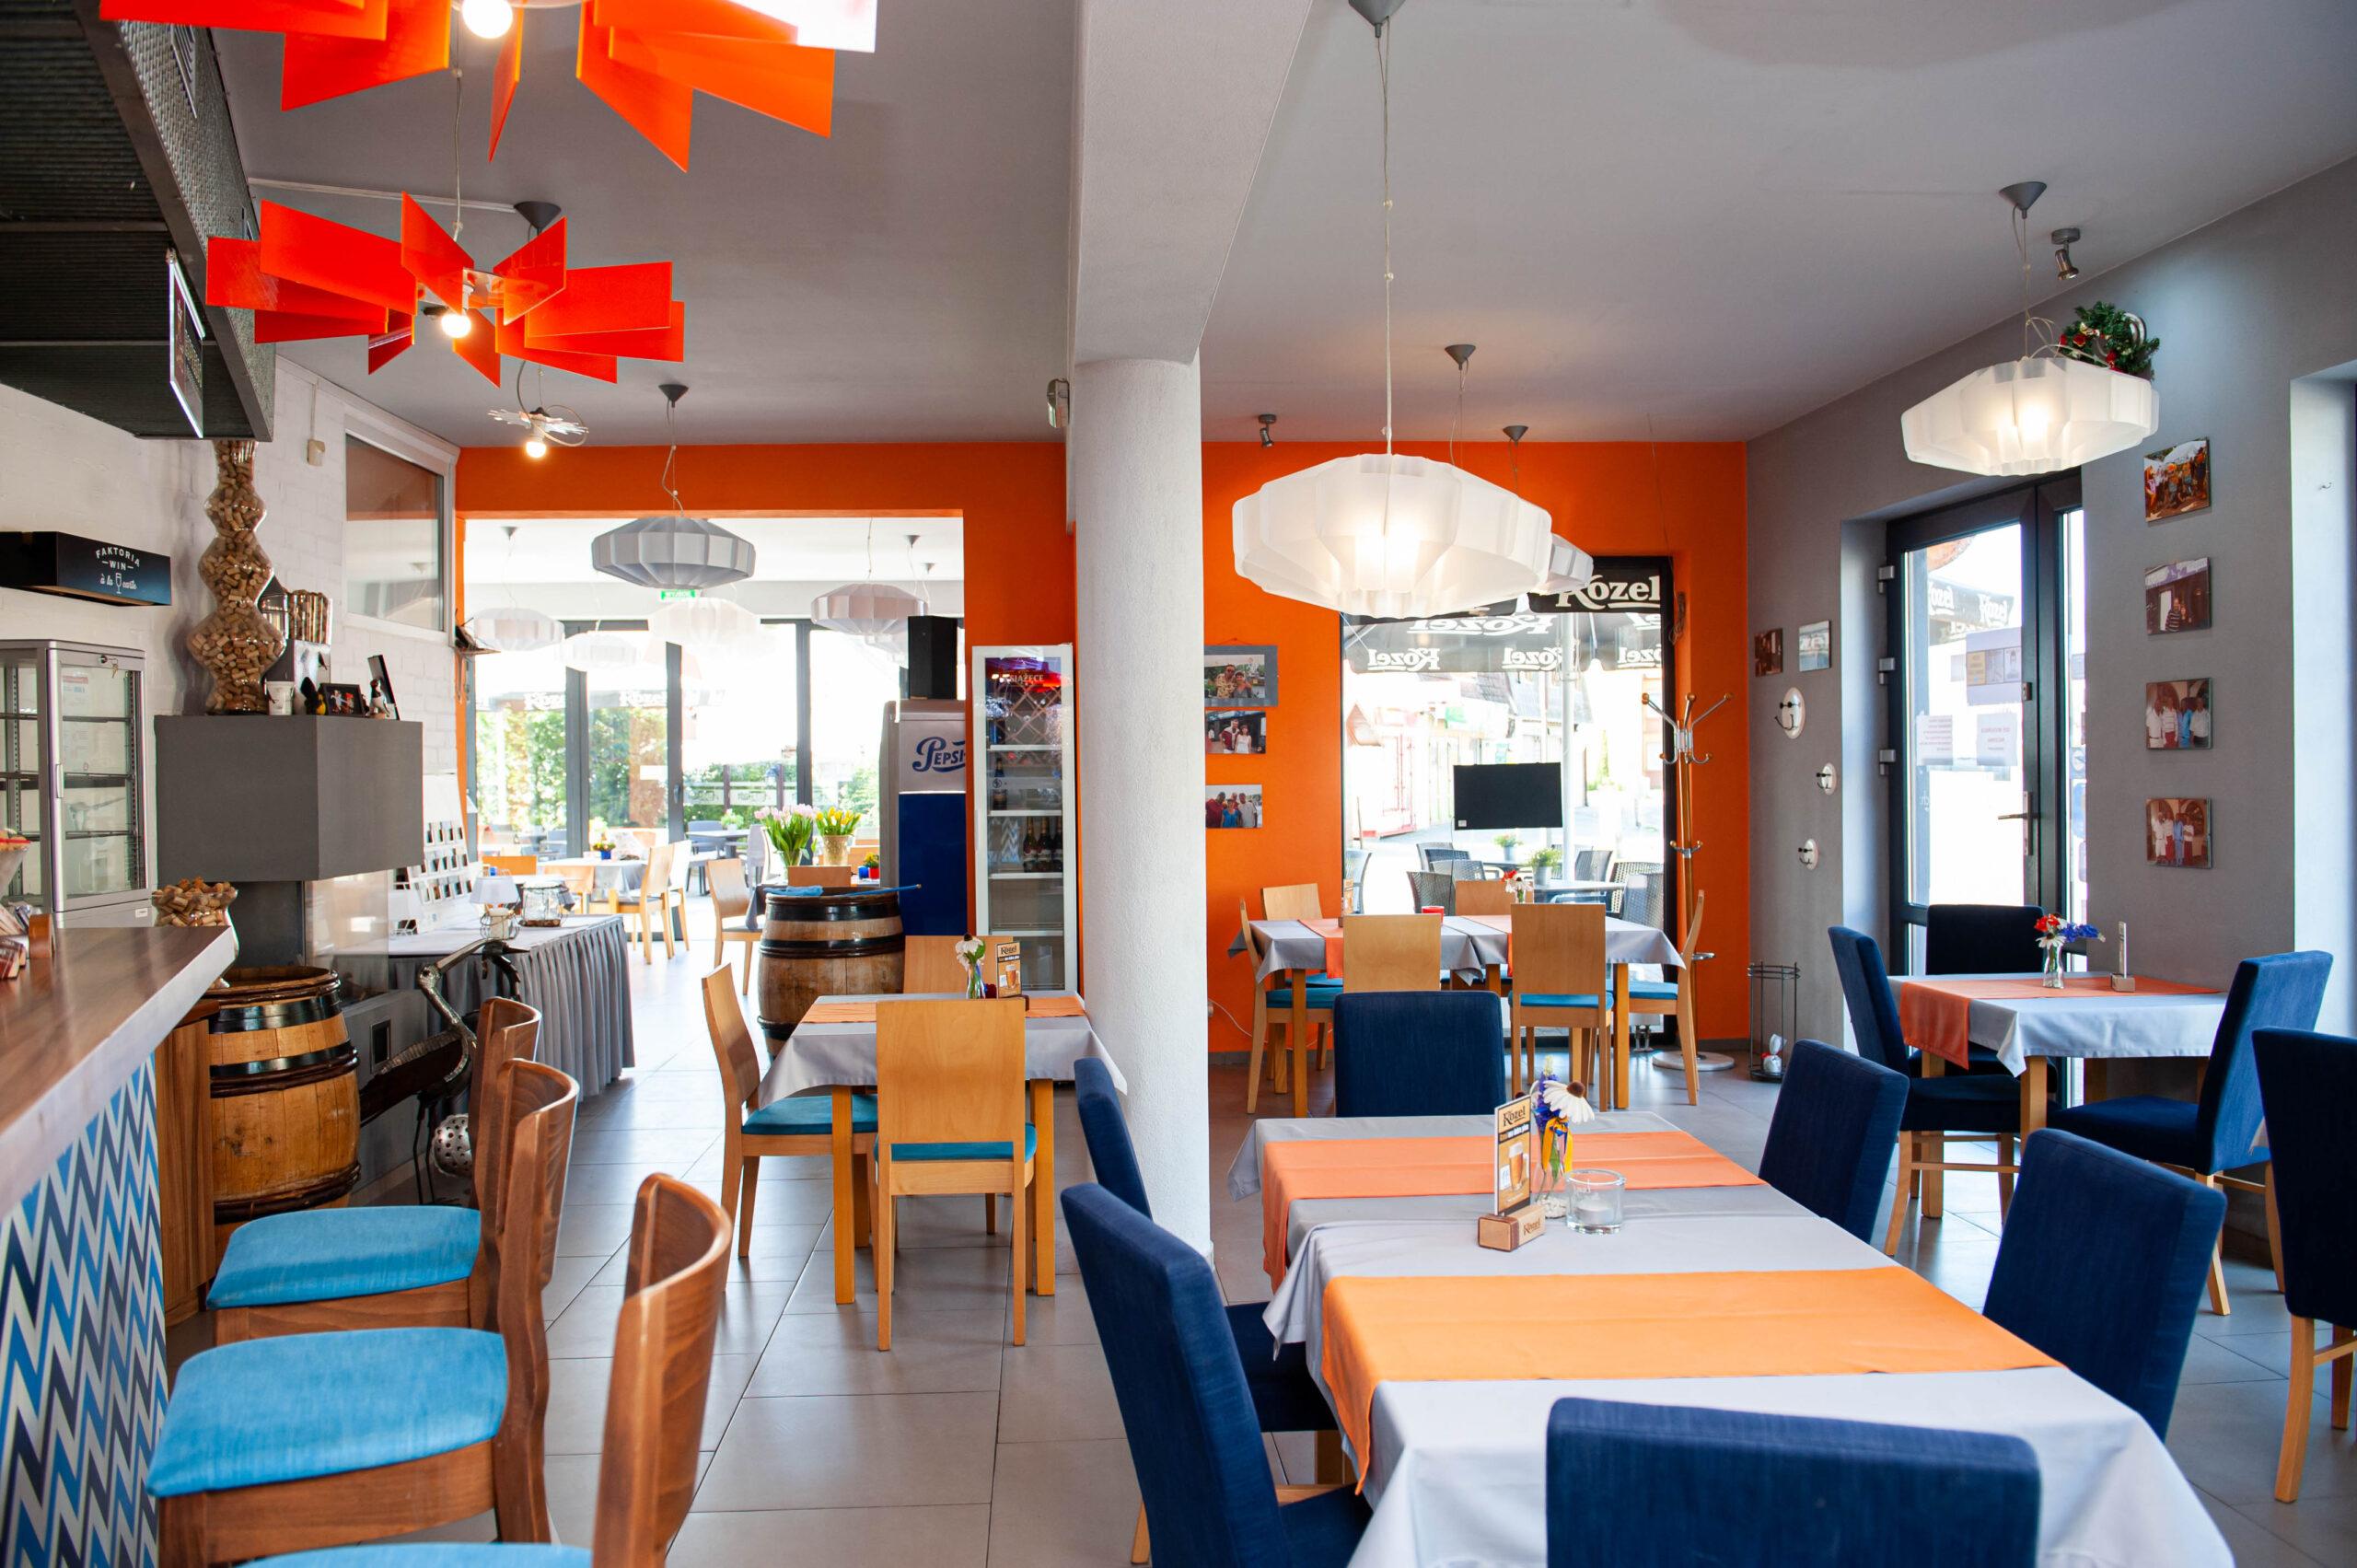 Restauracja smaczne jedzenie Niechorze 2021